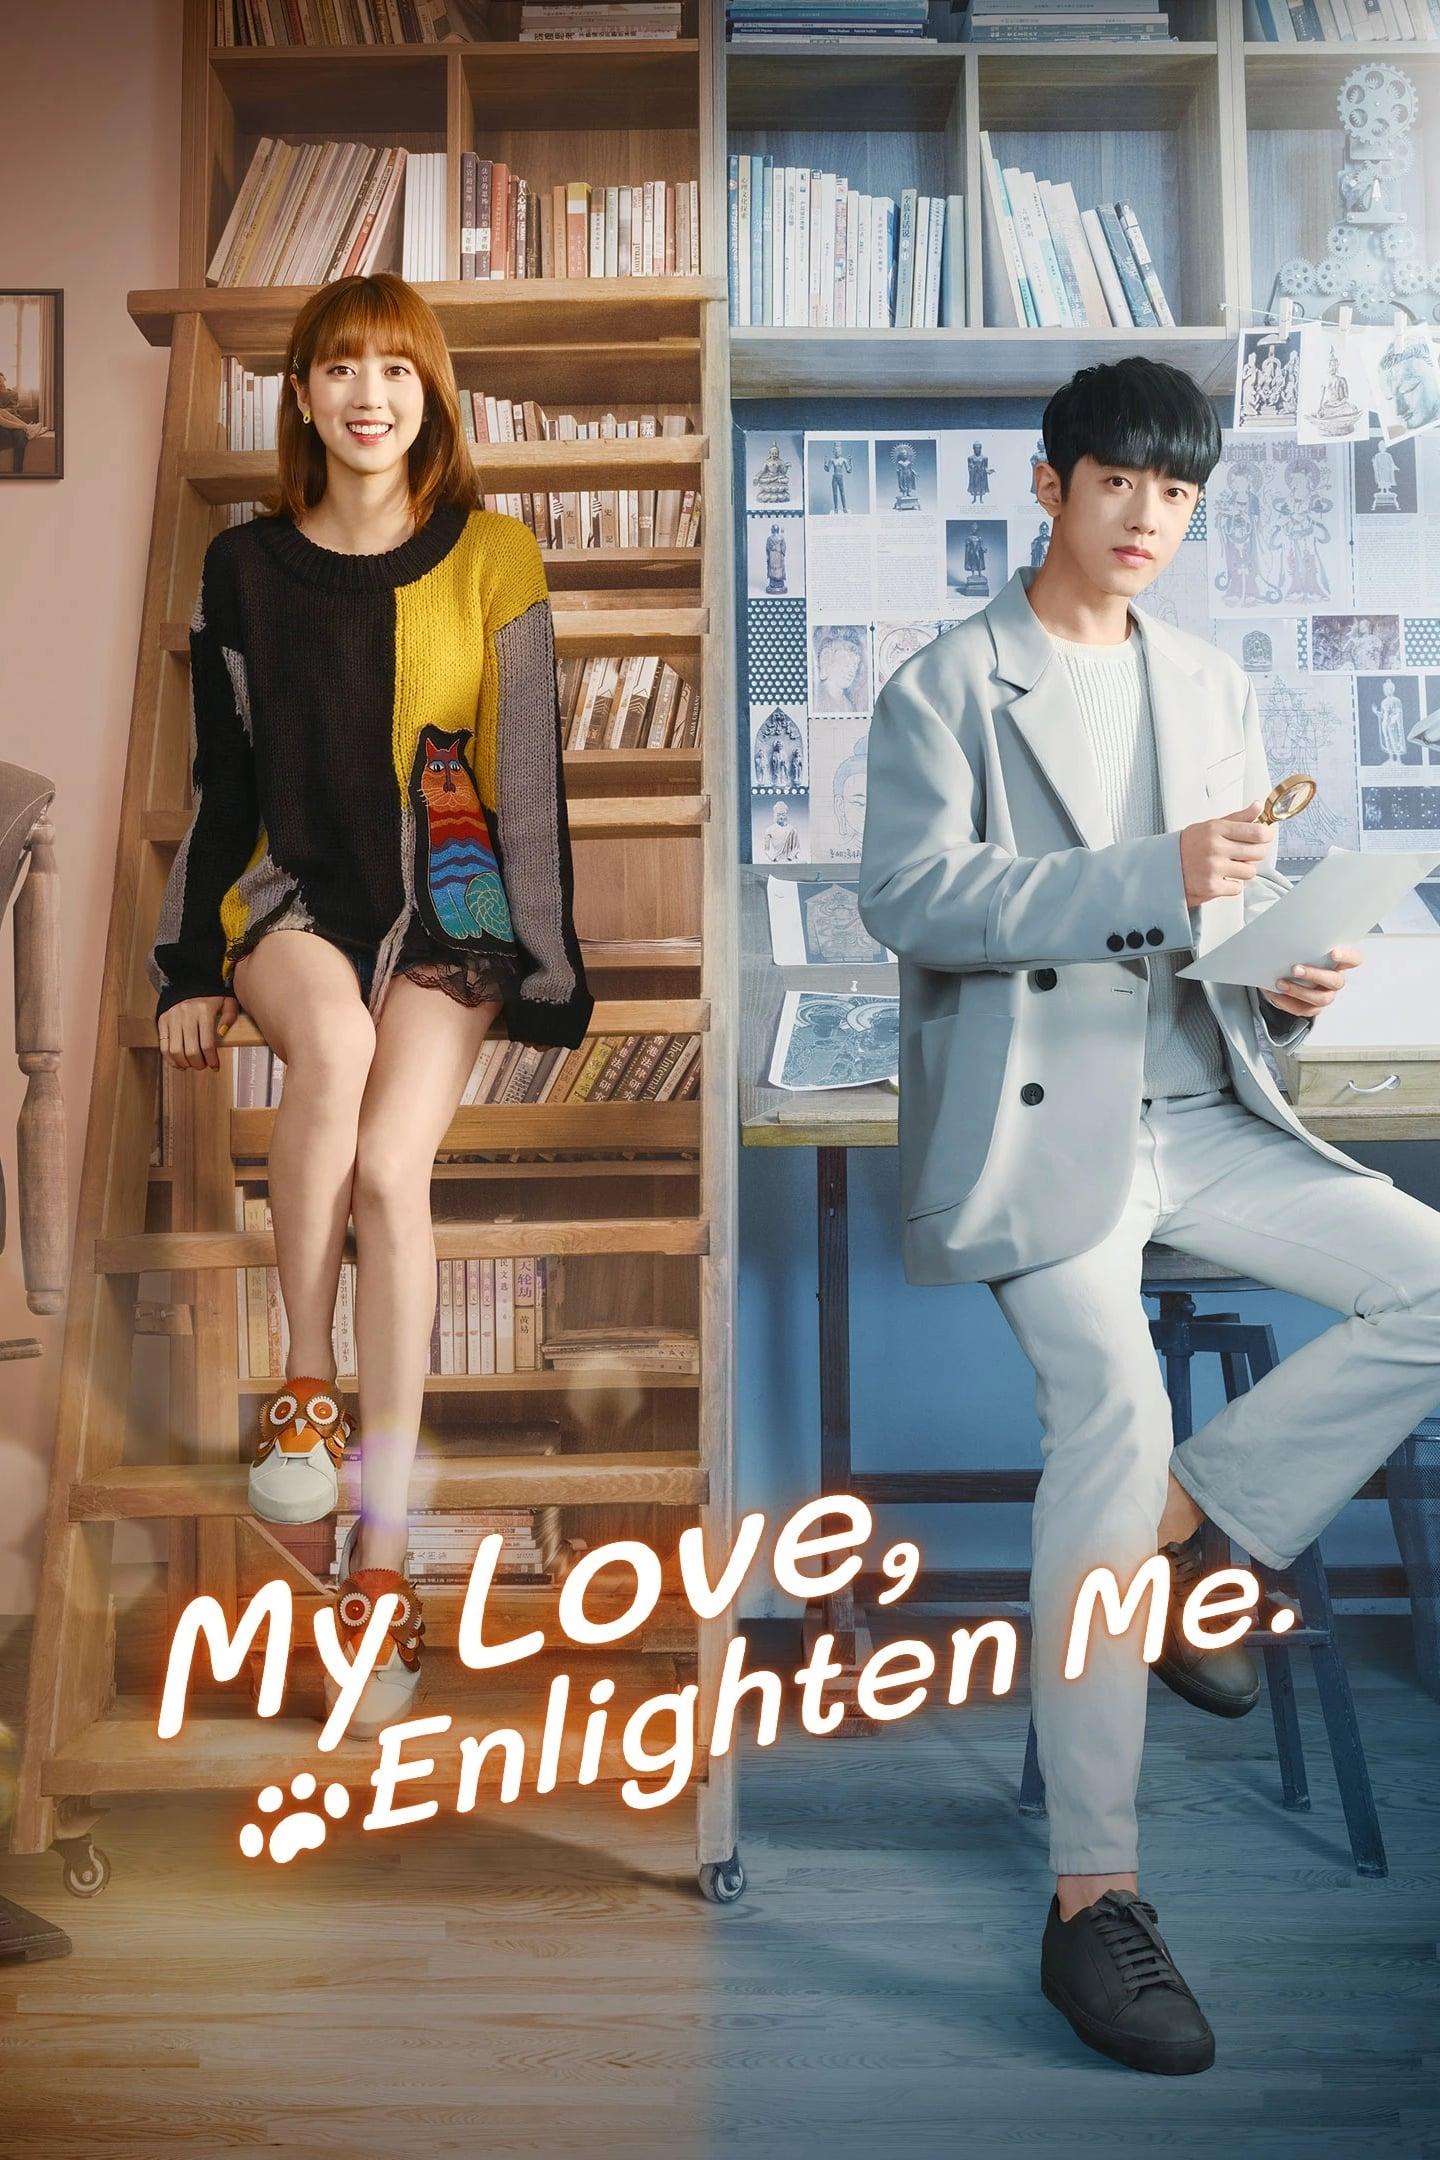 Xem Phim Noãn Noãn, Xin Chỉ Giáo Nhiều Hơn - My Love, Enlighten Me Full Vietsub | Thuyết Minh HD Online